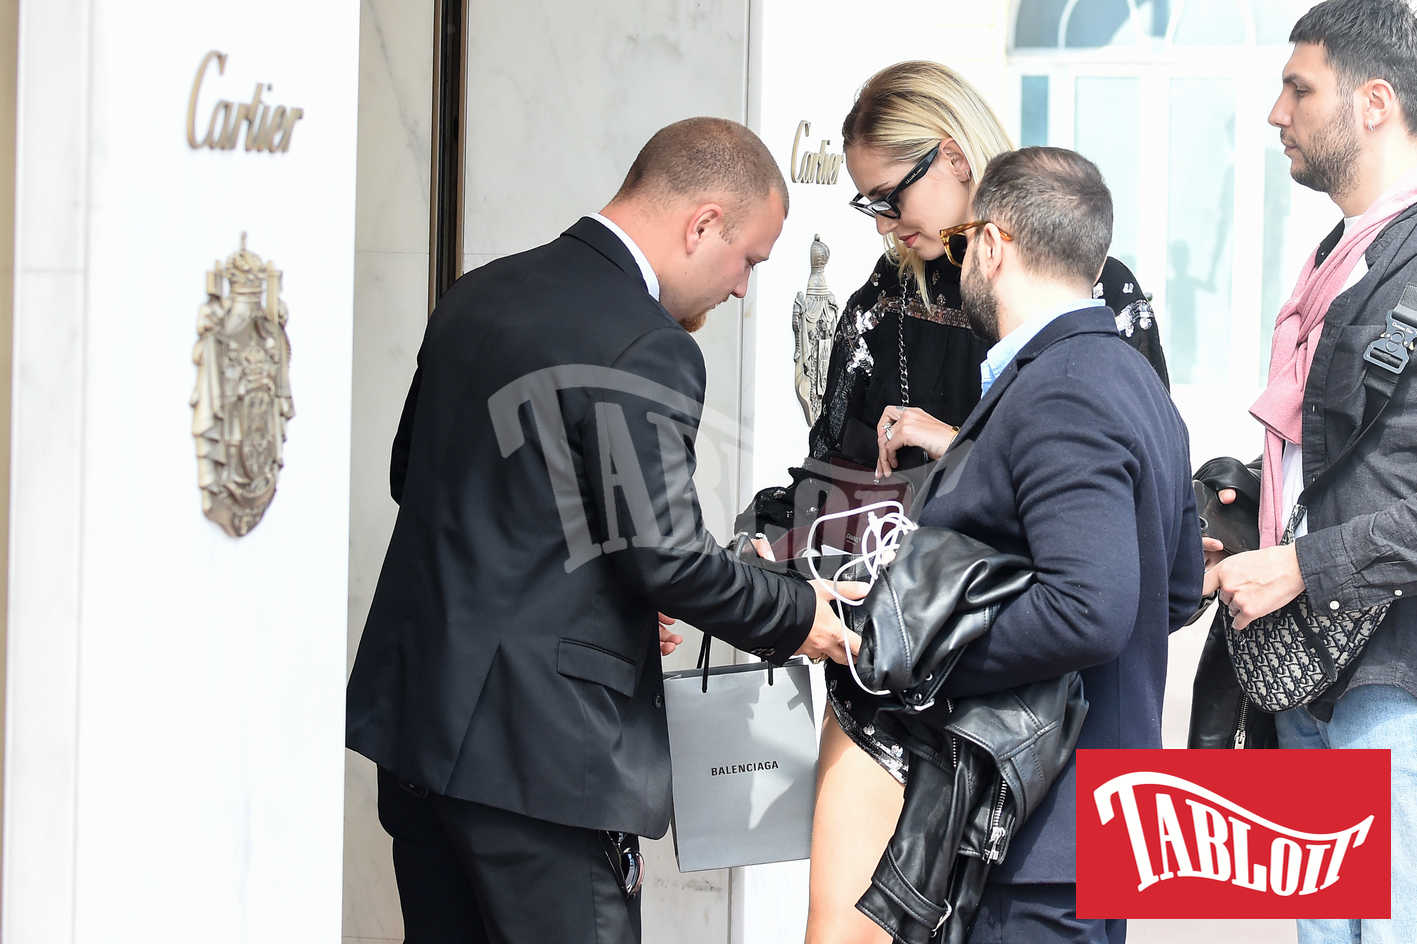 Un addetto alla sicurezza controlla la borsa di Chiara prima dell'ingresso nel negozio di Cartier